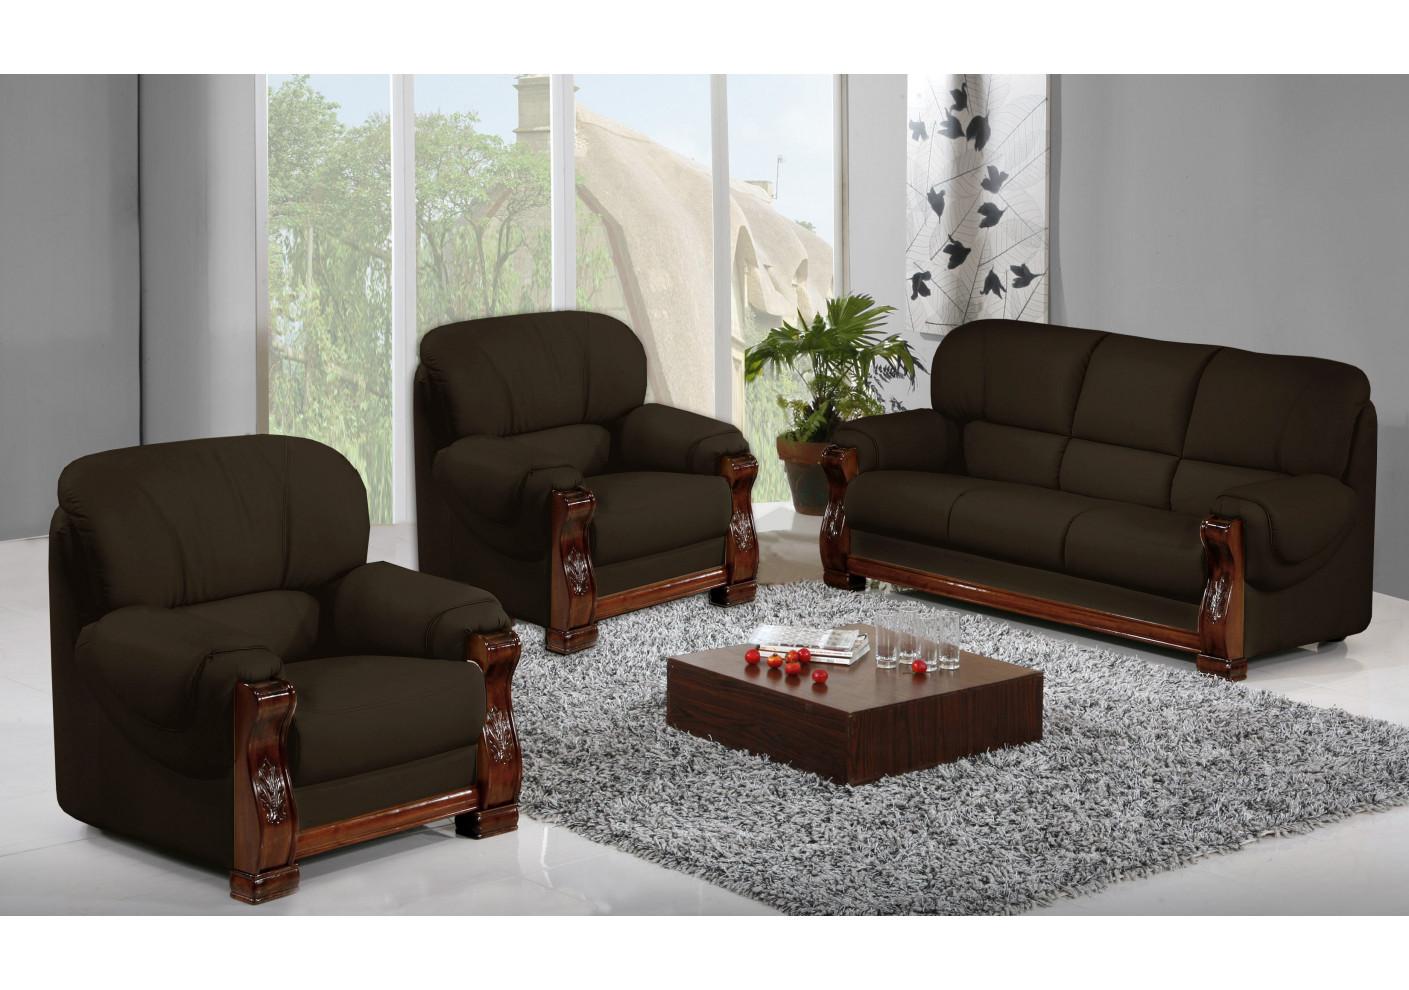 salon 3 pi ces holandia coco 1 canap 3 places 2 fauteuils 1 place. Black Bedroom Furniture Sets. Home Design Ideas